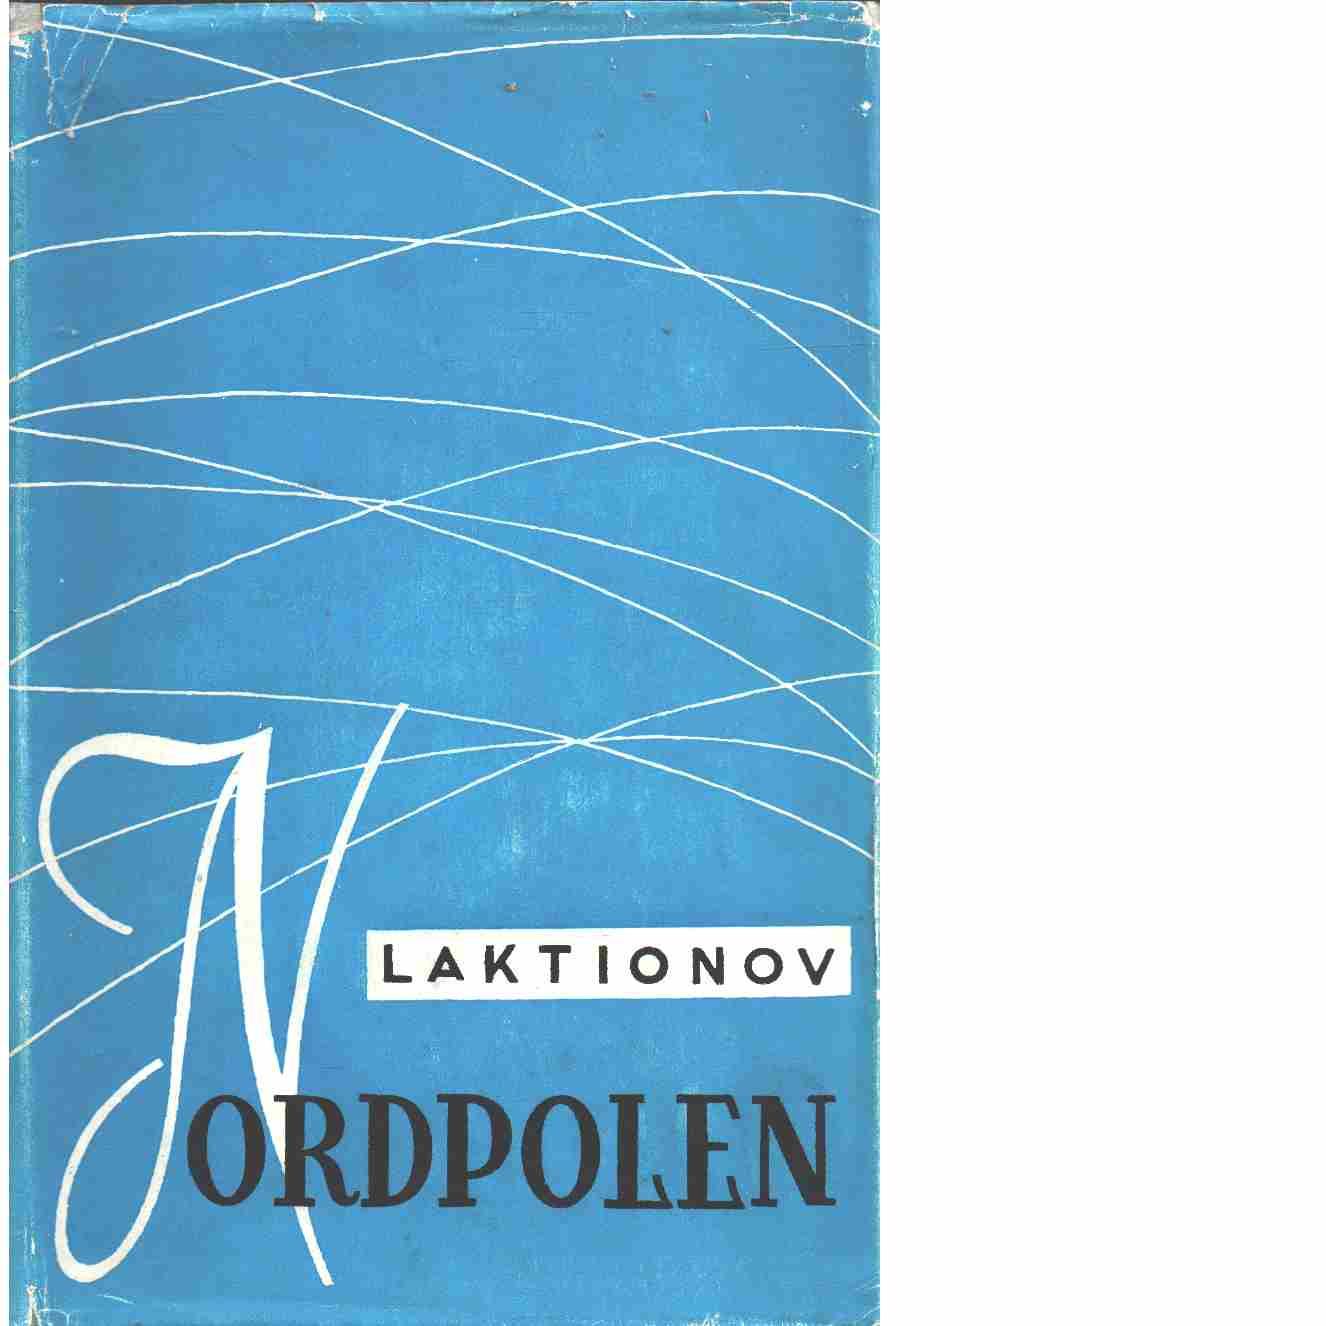 Nordpolen : ur polarfärdernas historia - Laktionov, Aleksandr Fedorovič